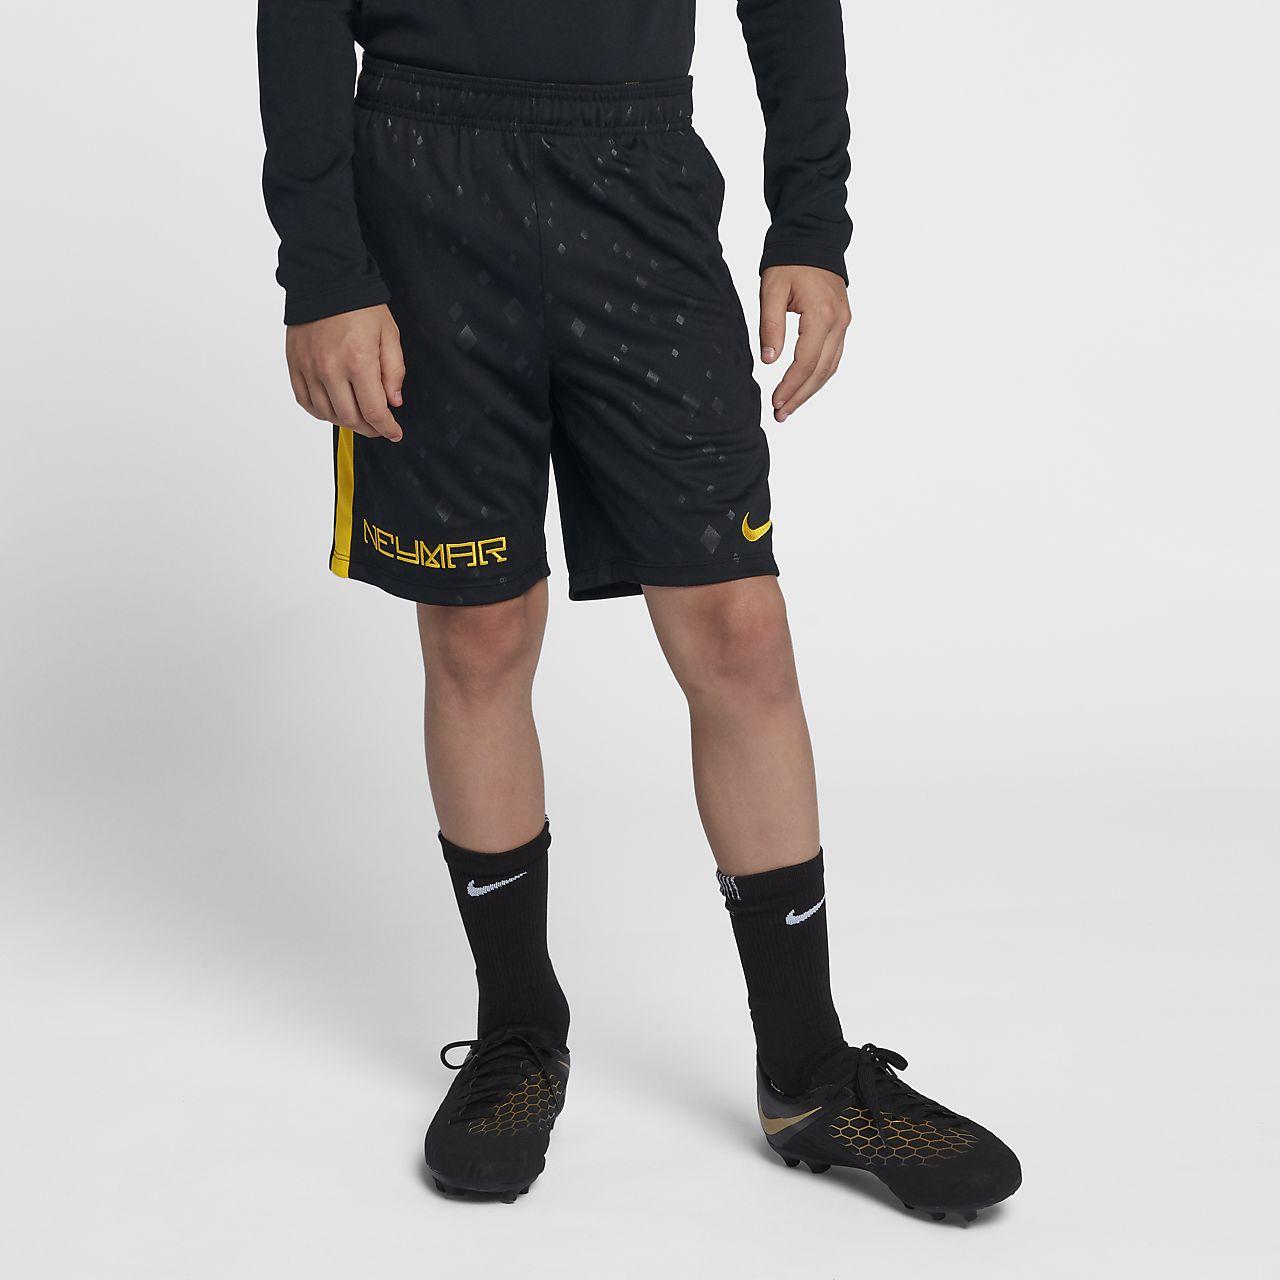 กางเกงฟุตบอลขาสั้นเด็กโต Nike Dri-FIT Neymar Jr Academy (ชาย)